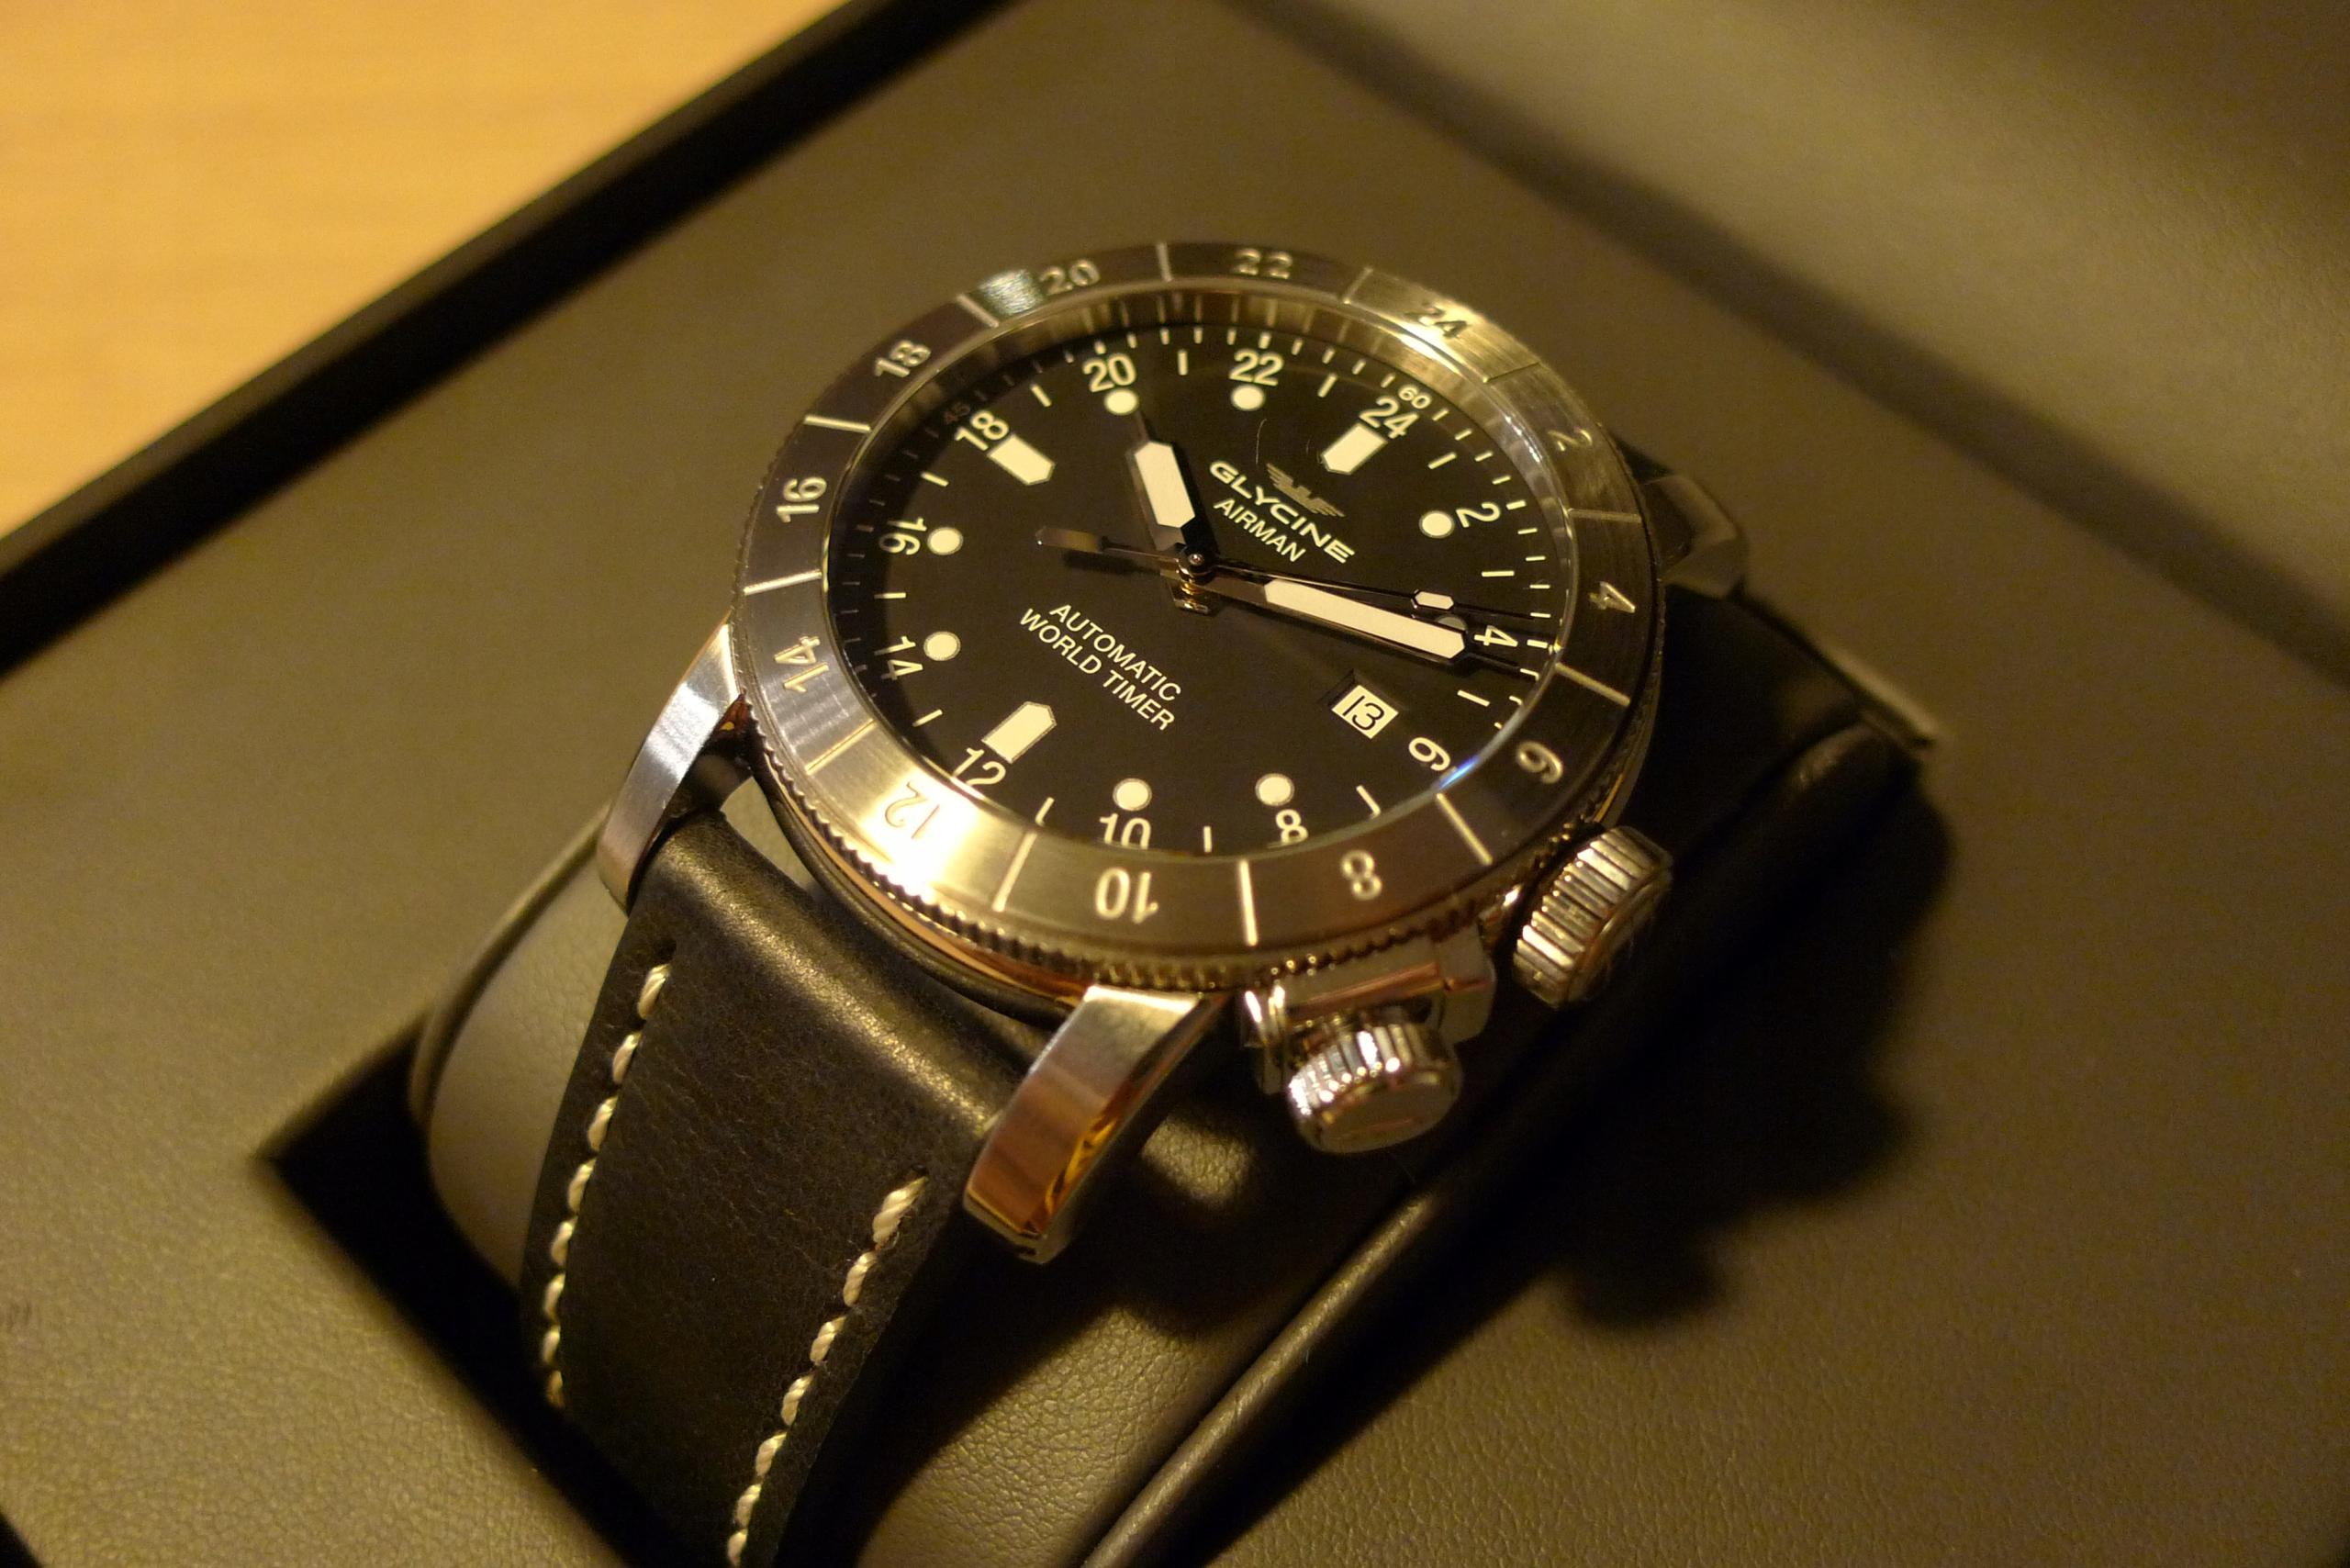 Glycine Airman Purist 44 zegarek GL0137